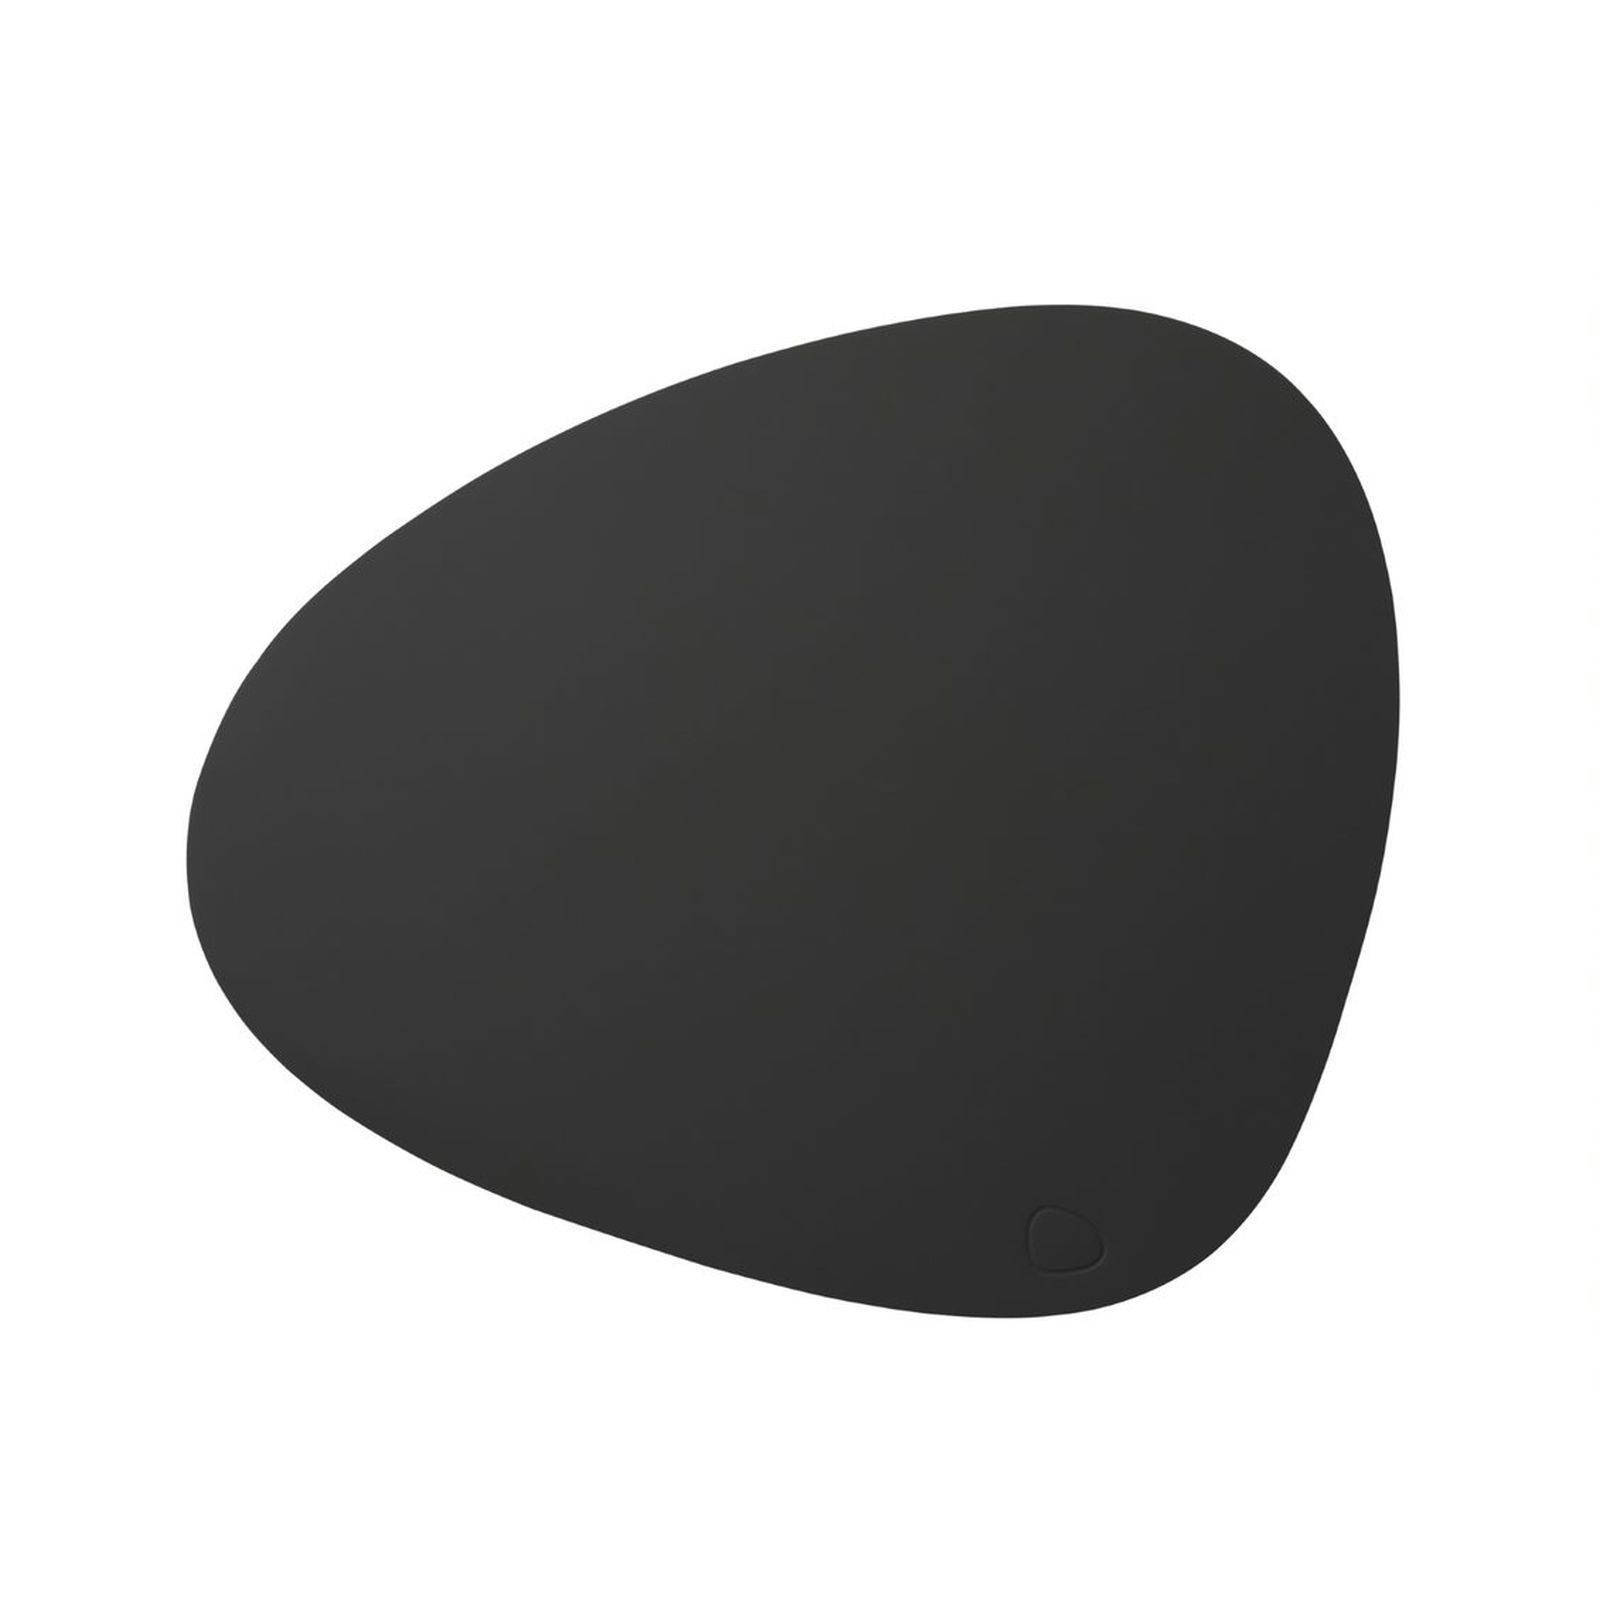 Merkloos Lind Dna Placemat Leer Softbuck Donkergrijs 37 X 44 Cm online kopen